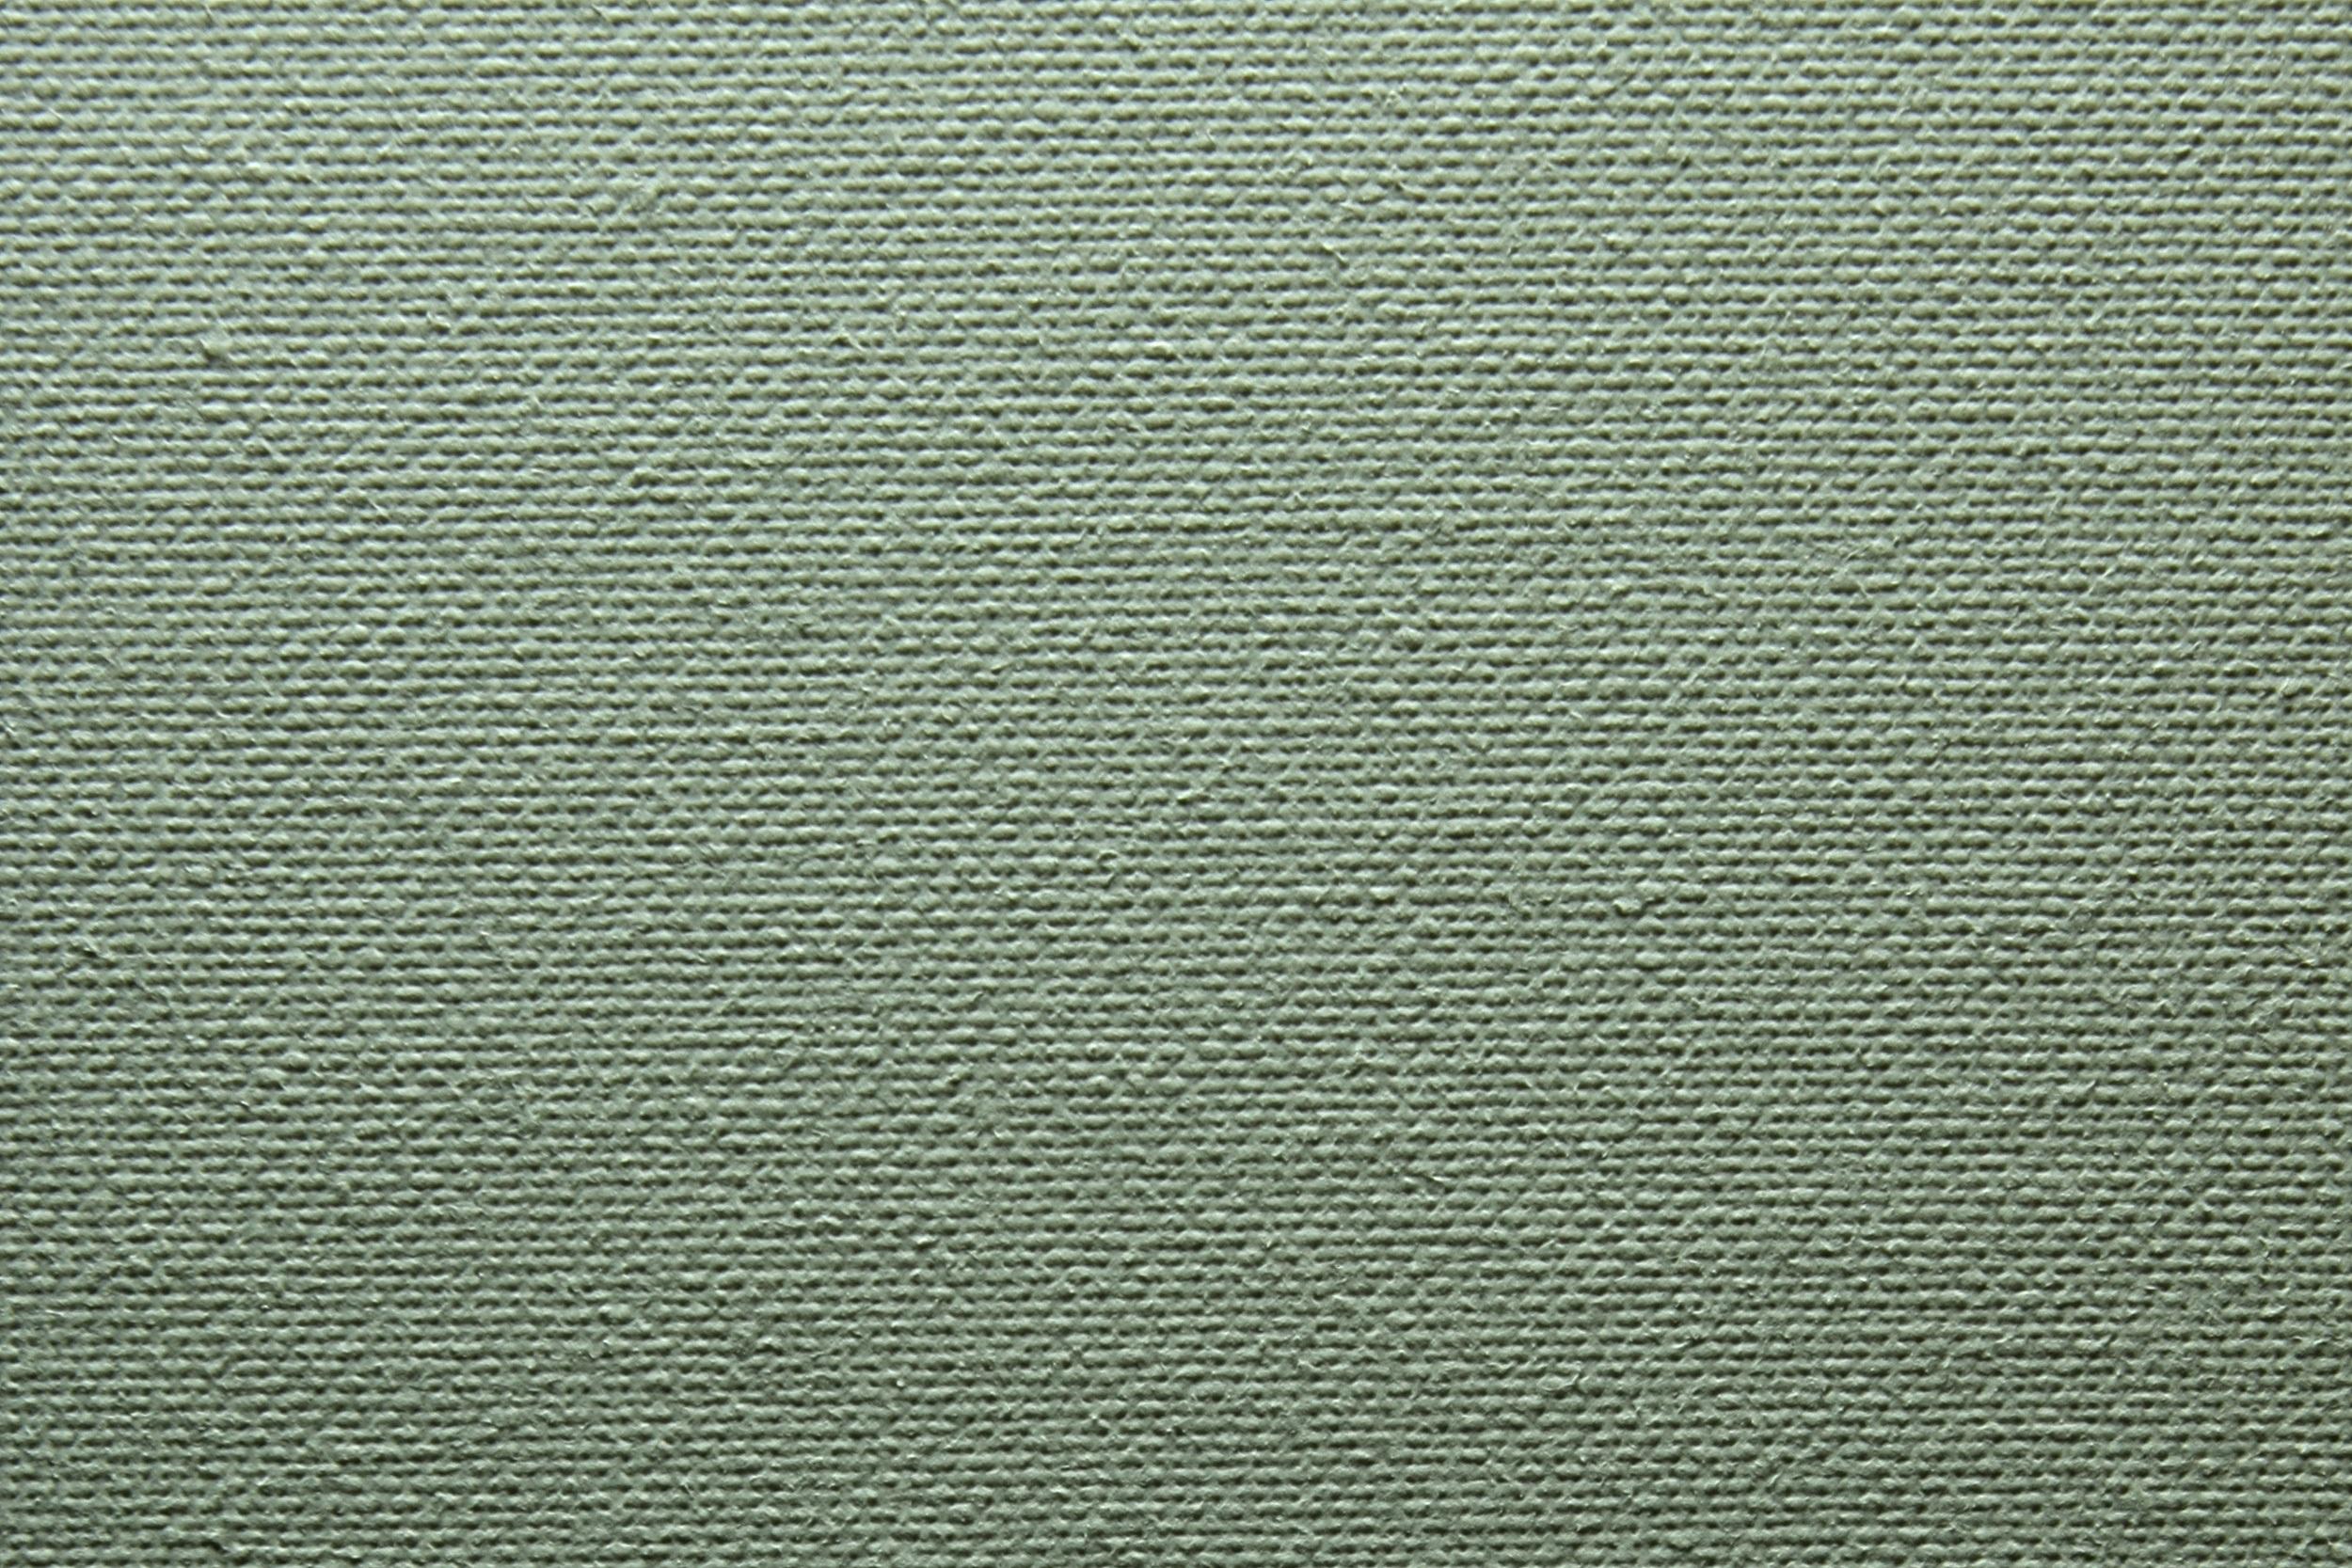 Behang Met Patroon : Gratis afbeeldingen structuur verdieping patroon materiaal